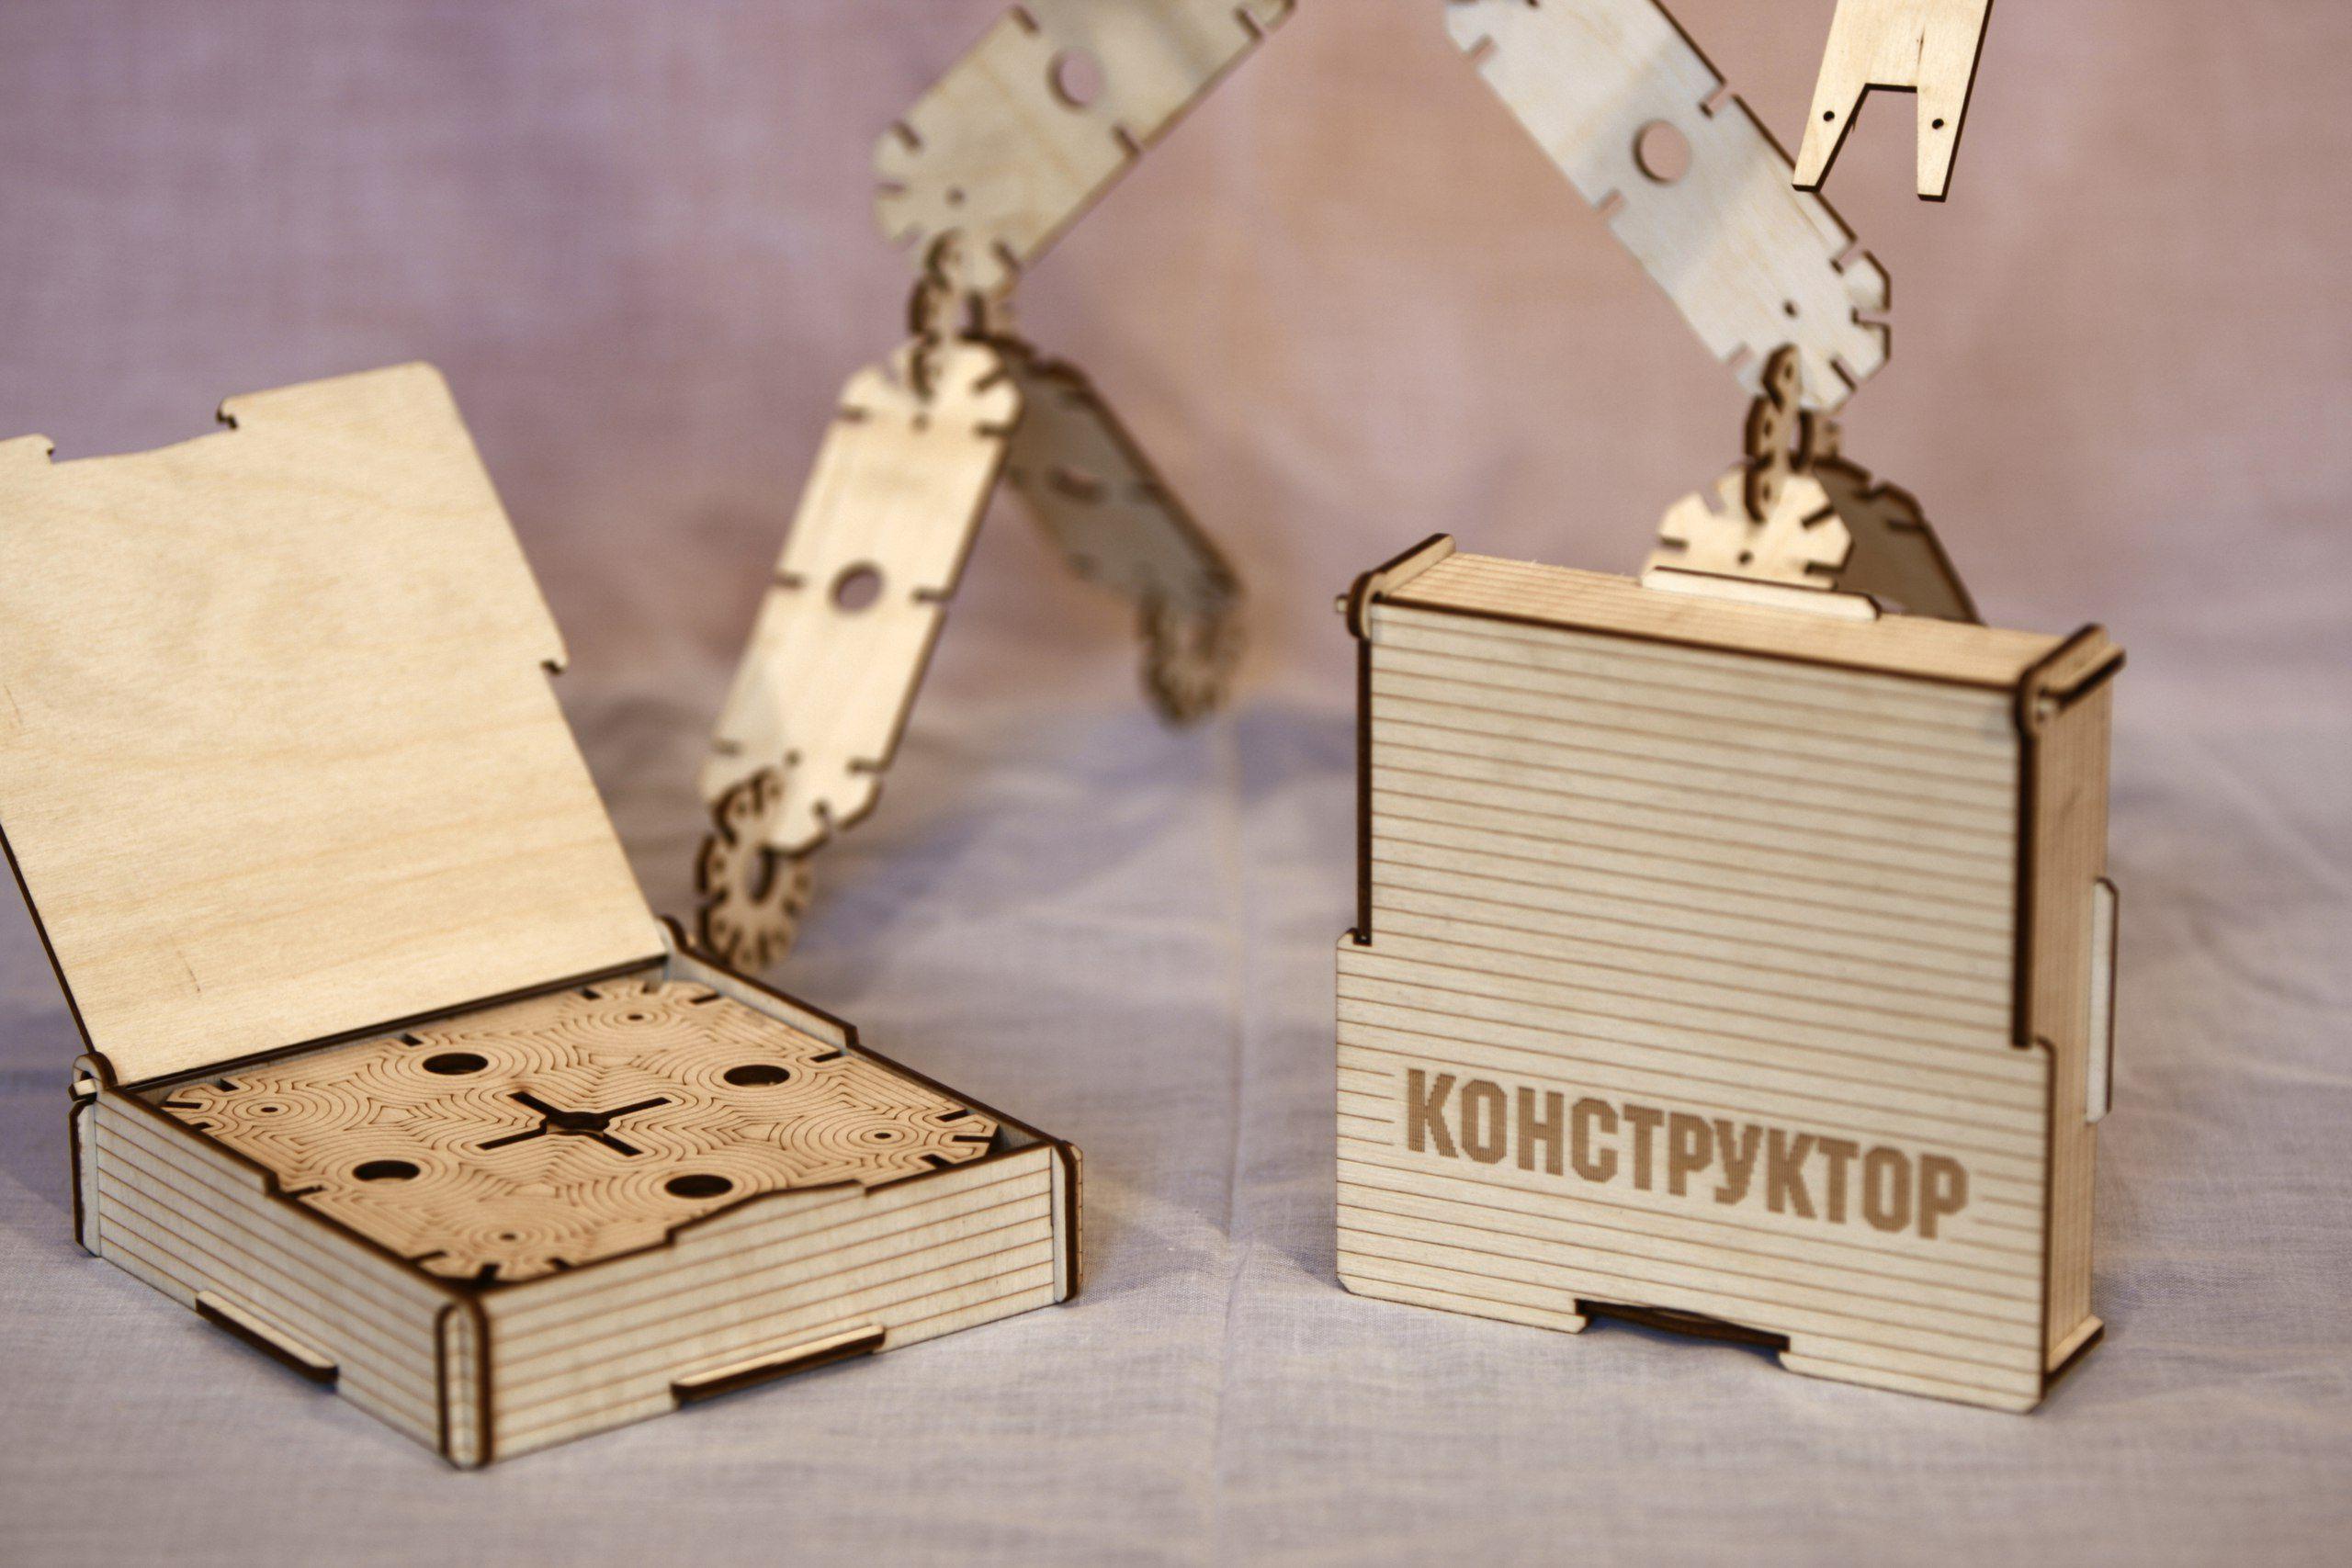 игрушка воображение игра фантазия конструктор мальчику подарок